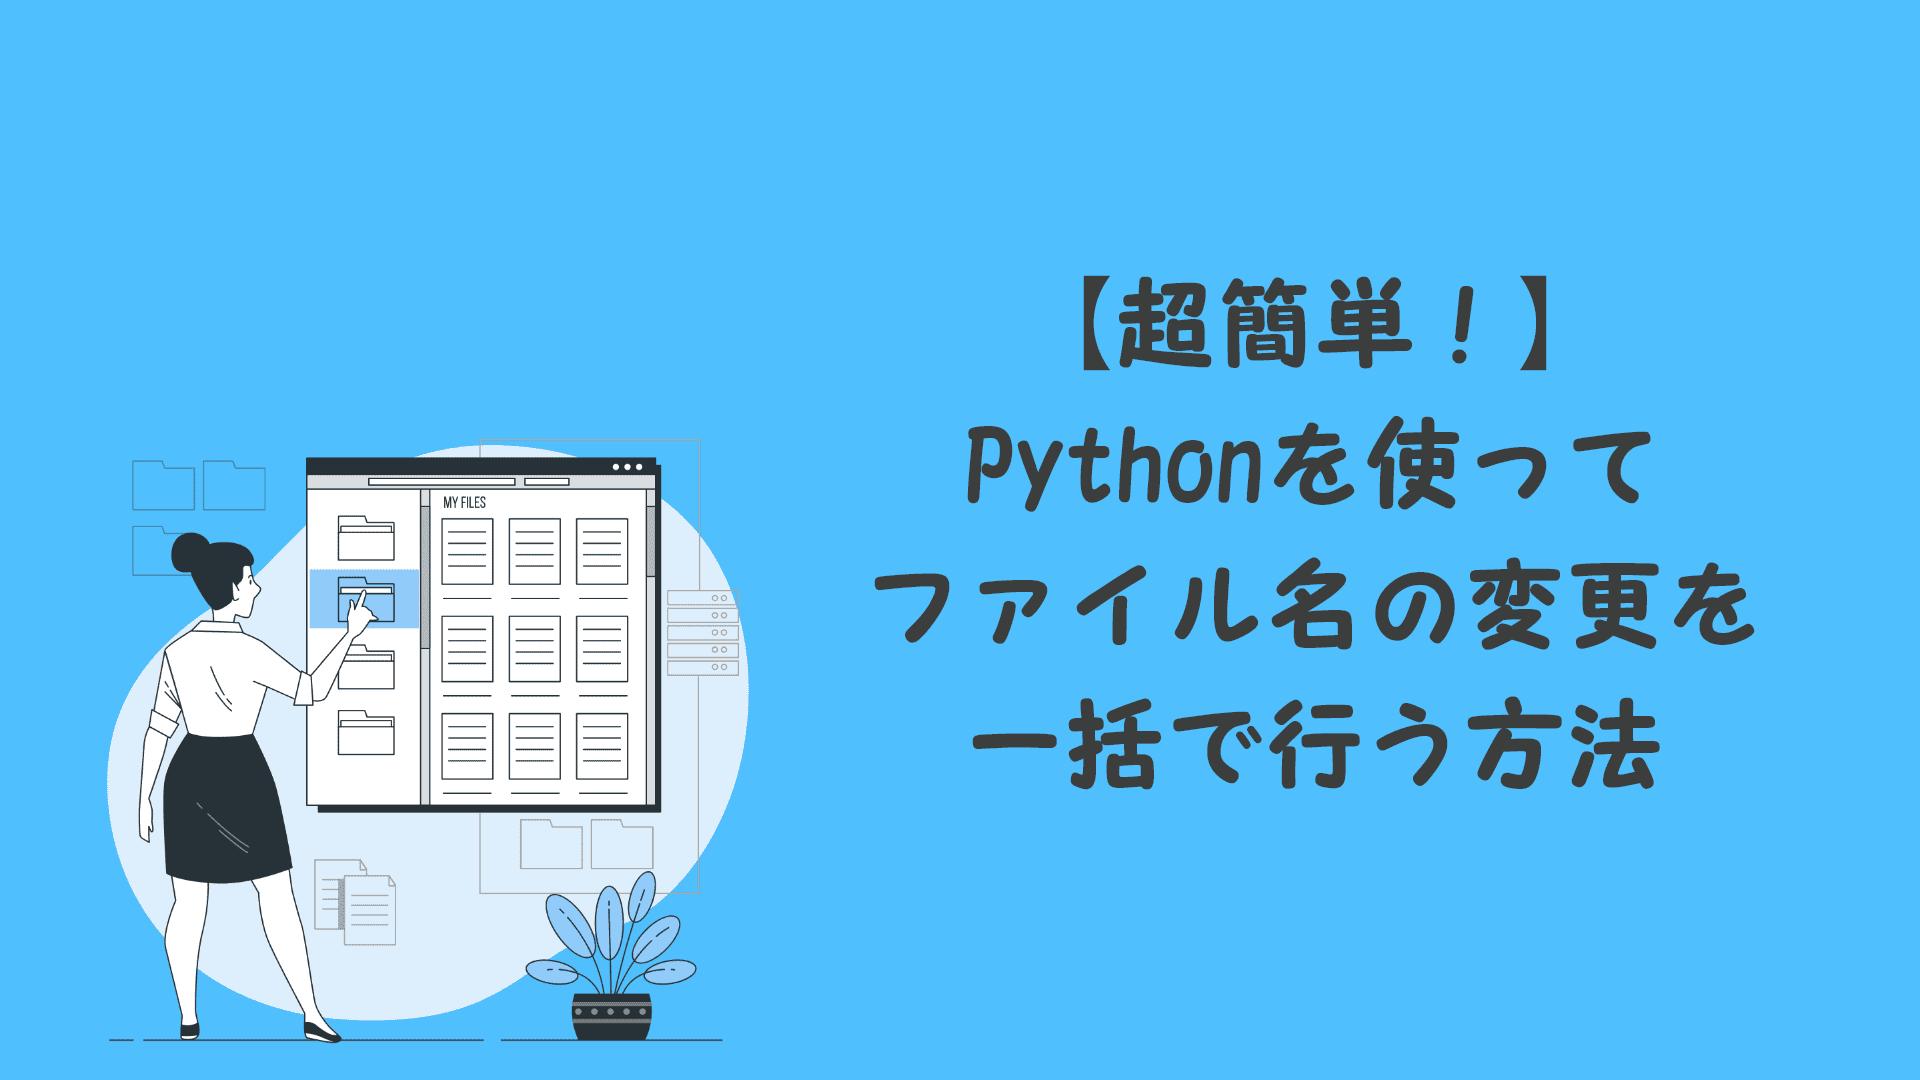 【超簡単!】Pythonを使ってファイル名の変更を一括で行う方法【自動化の第一歩です】